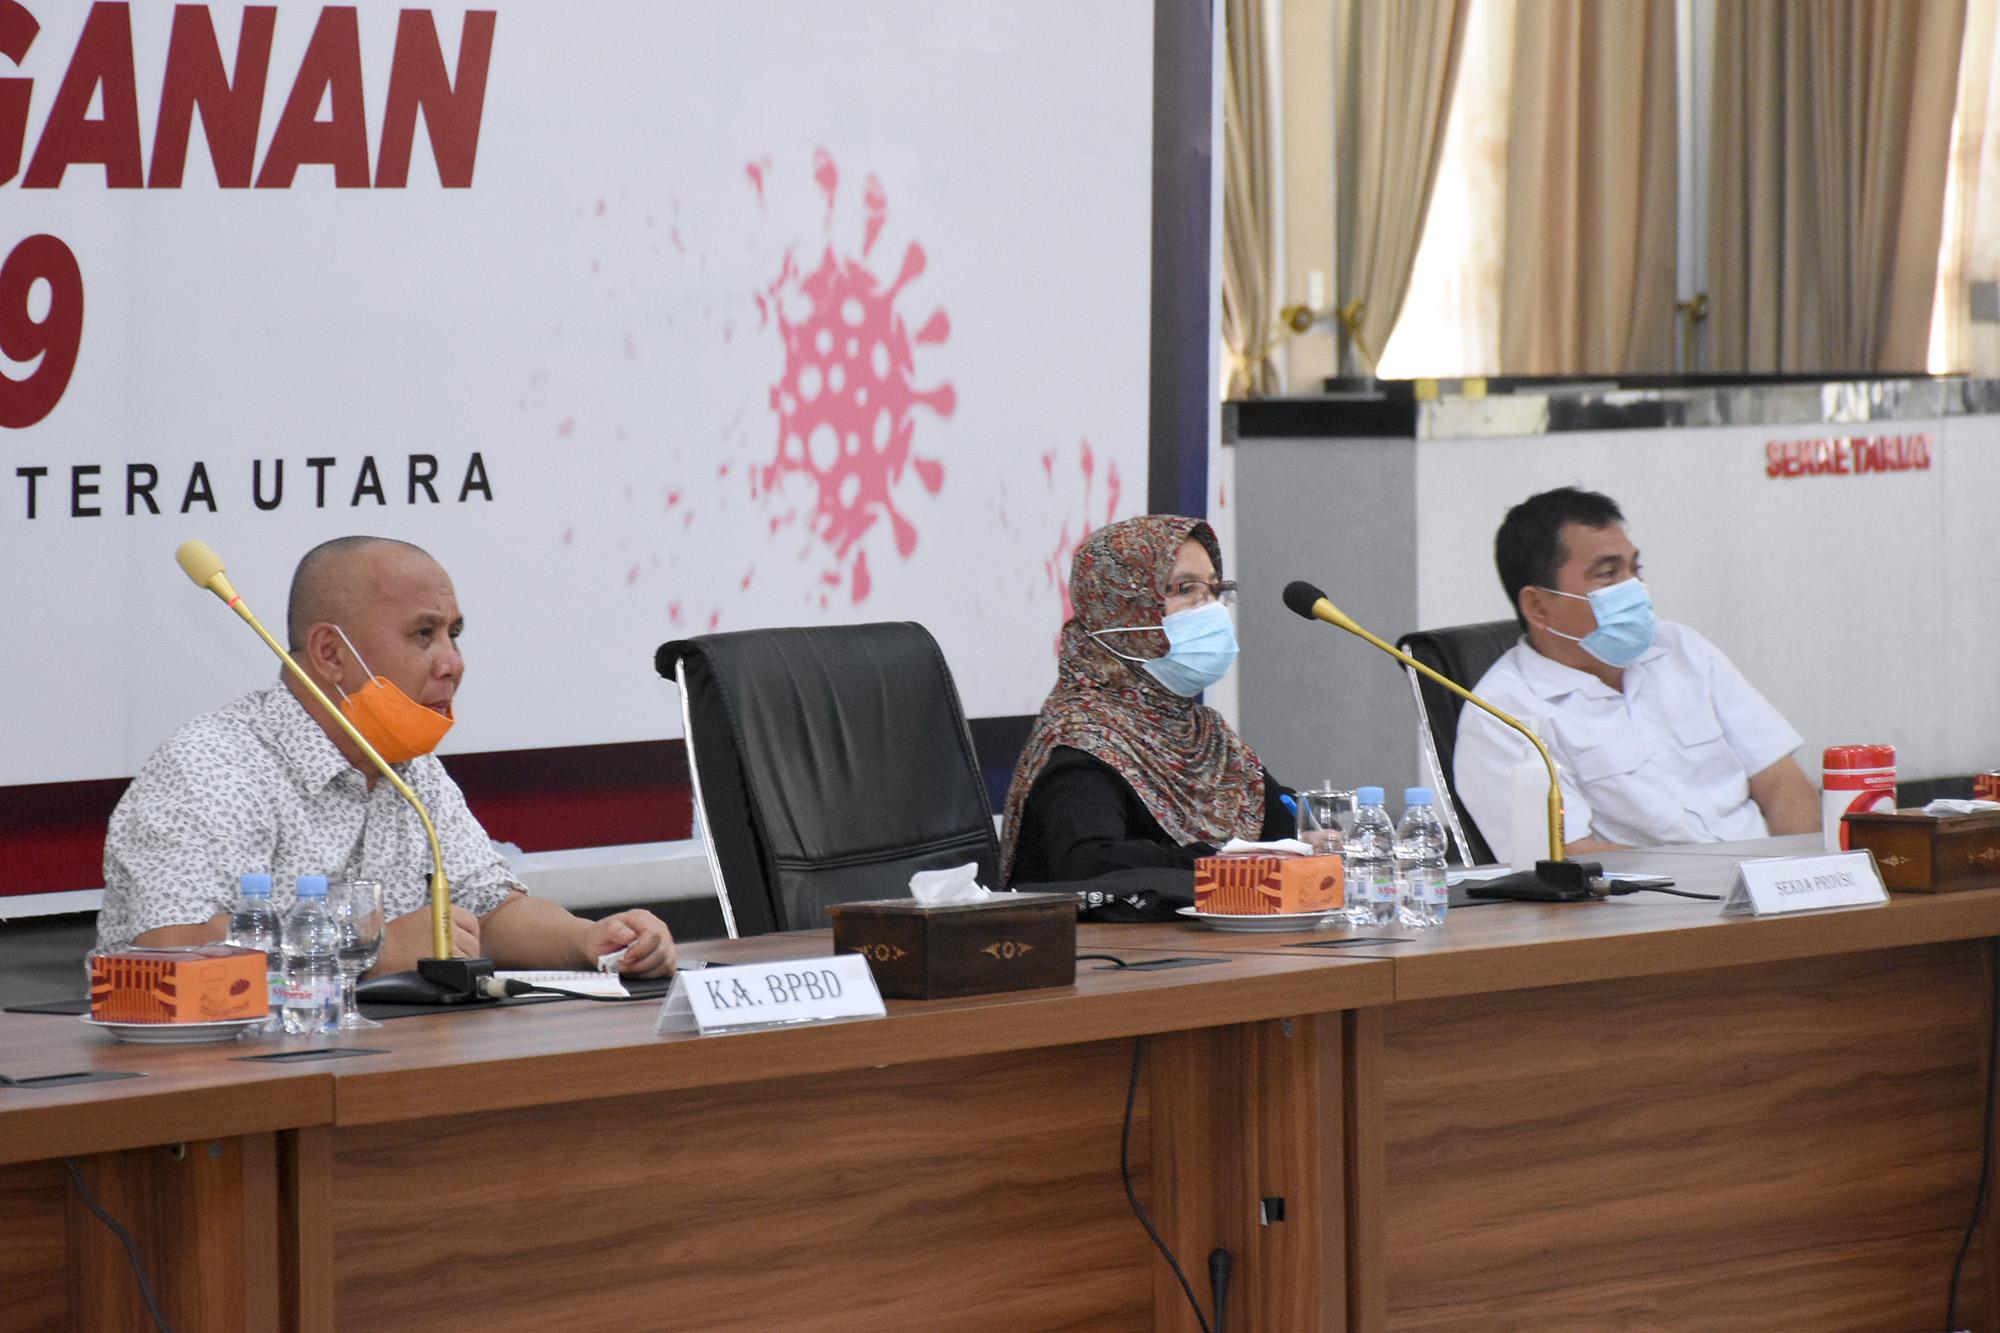 Libur Panjang, Satgas Covid-19 Sumut Tingkatkan Penegakan Disiplin Protokol Kesehatan di Objek Wisata